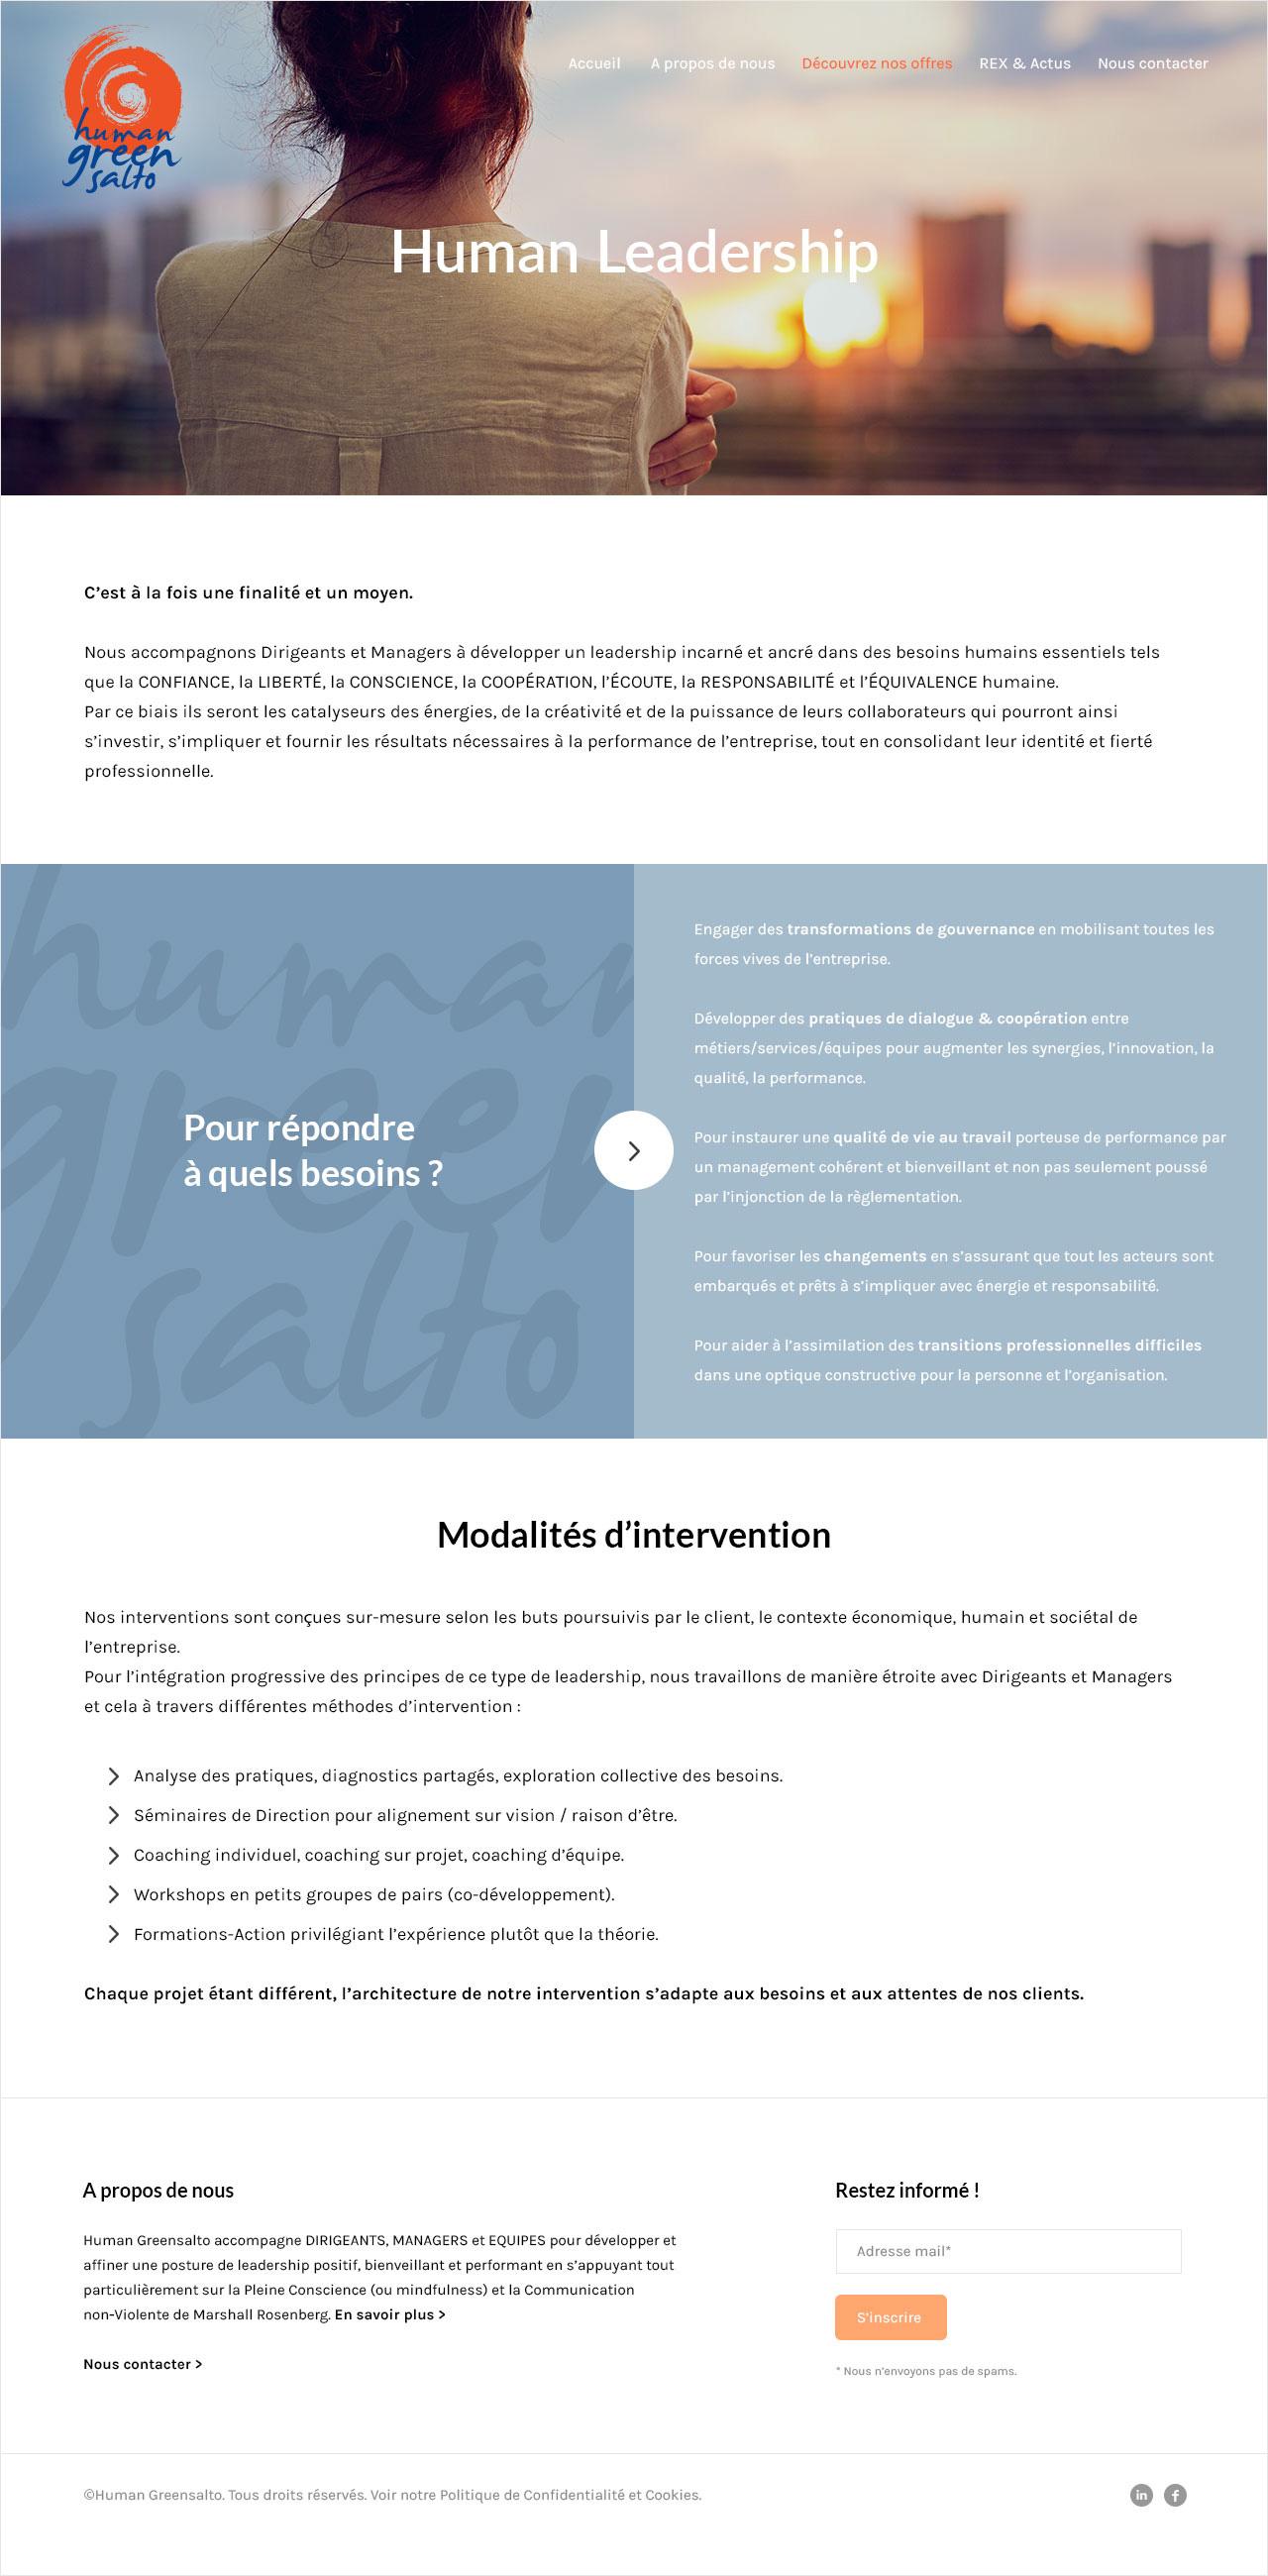 HumanGreenSalto-Site-Img7